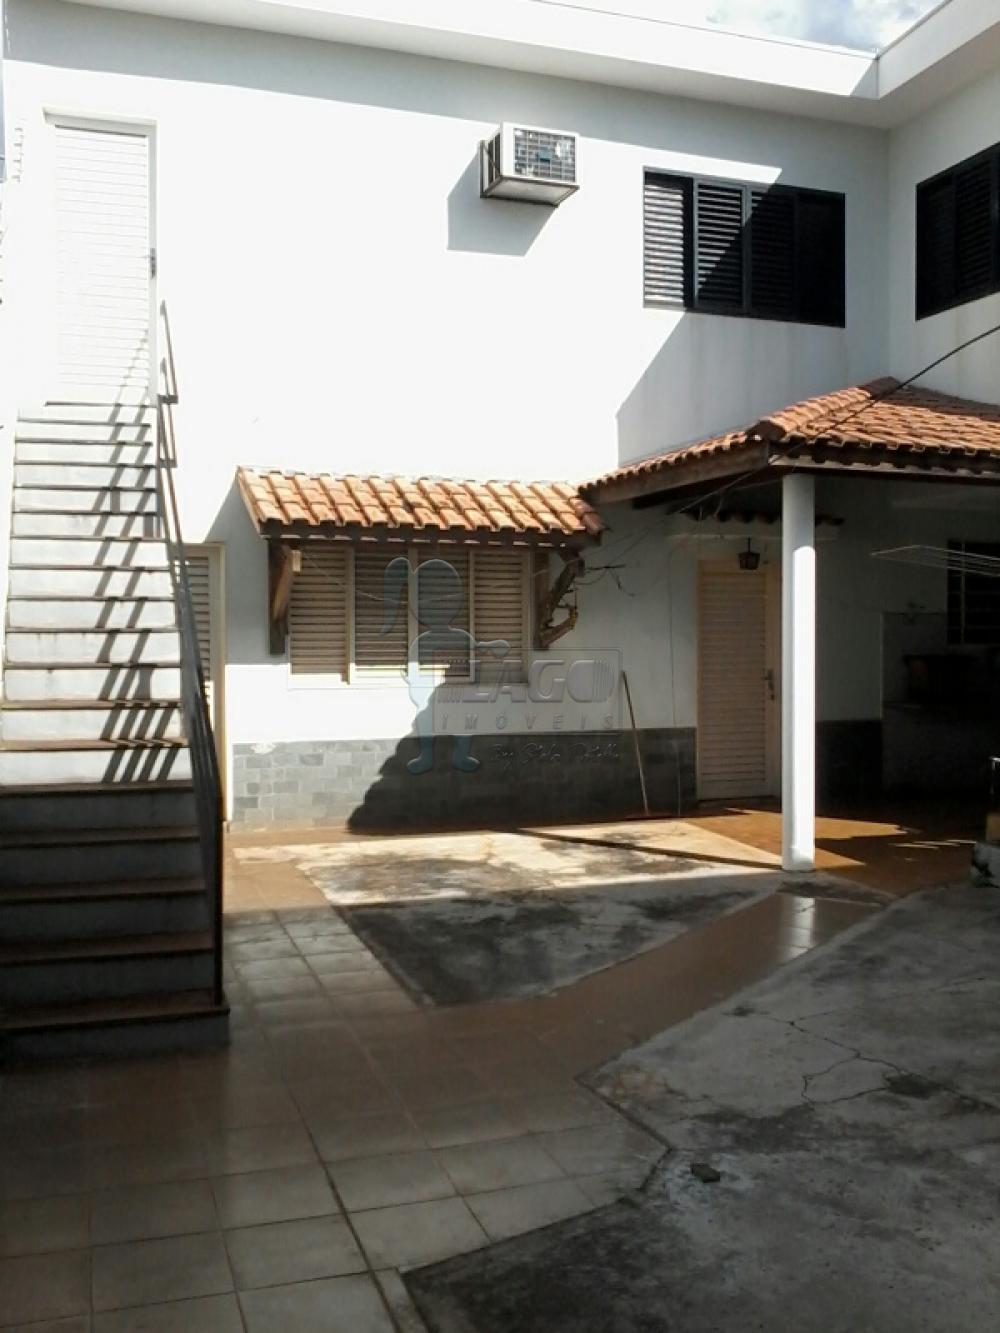 Comprar Casas / Padrão em Ribeirão Preto apenas R$ 750.000,00 - Foto 11